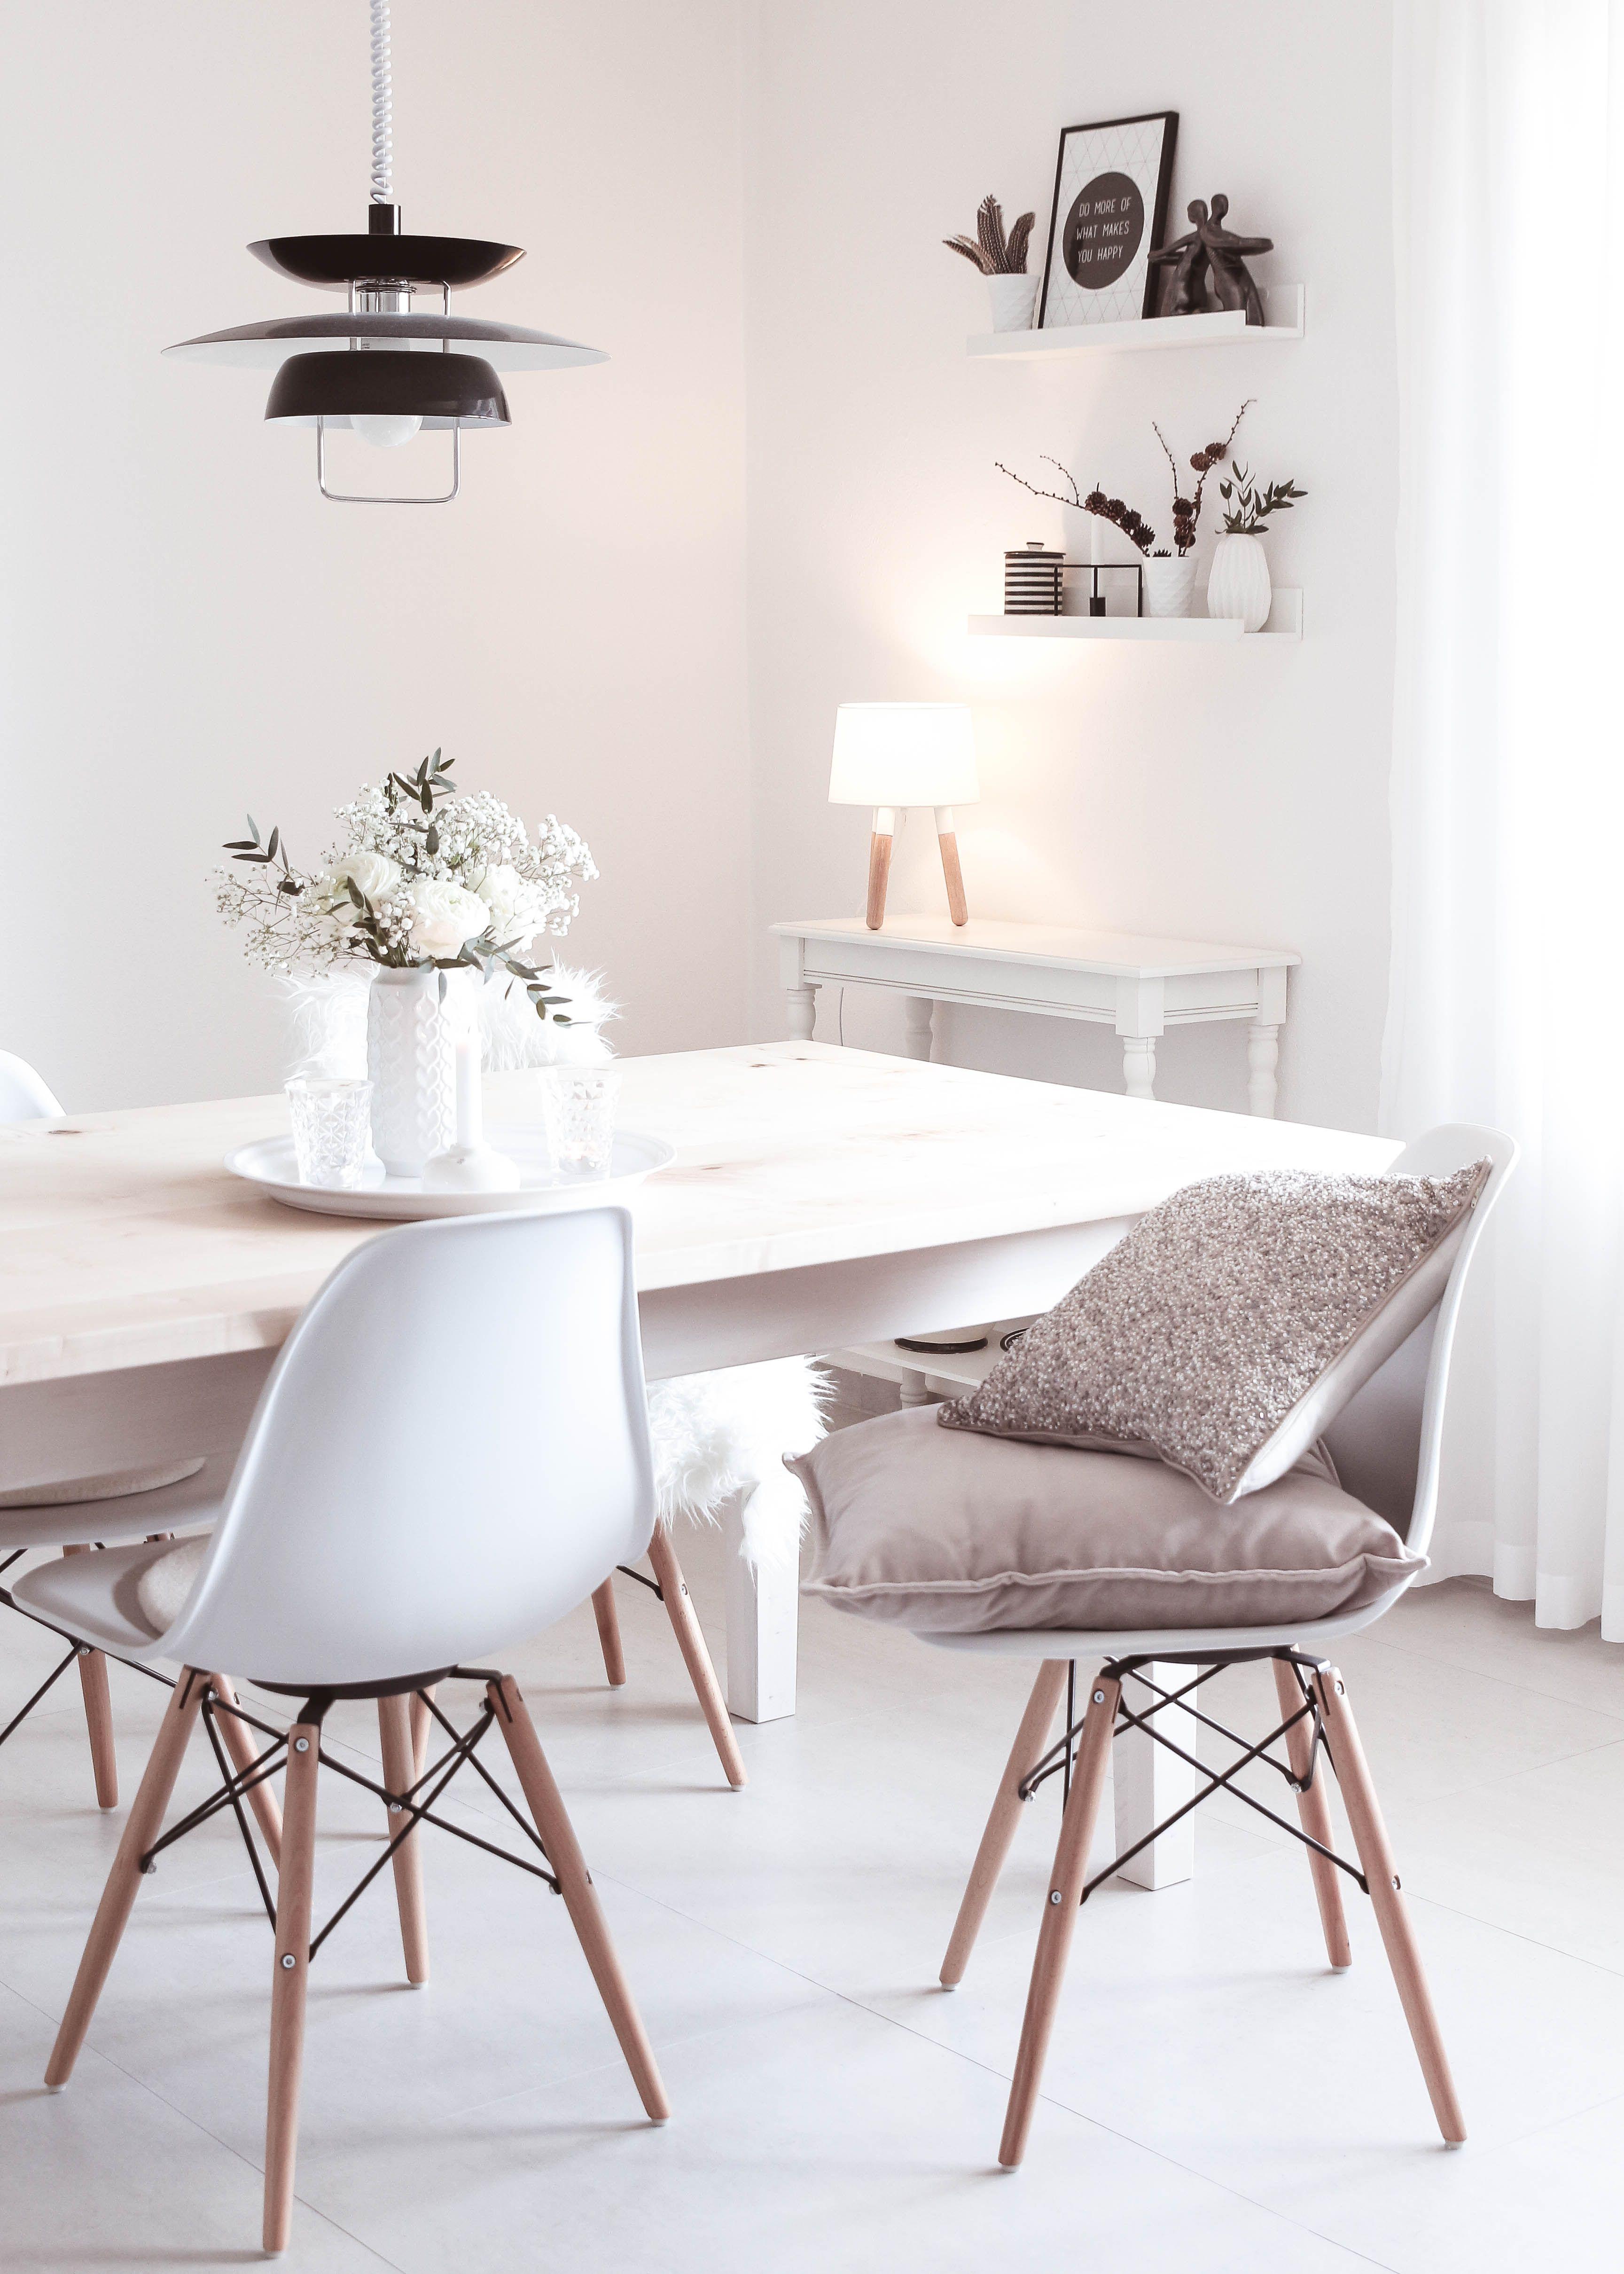 Fruhling Im Wohnzimmer Mit Frischen Fruhlingsblumen Und Neuen Kissen Wohnen Schoner Wohnen Landliches Wohnzimmer